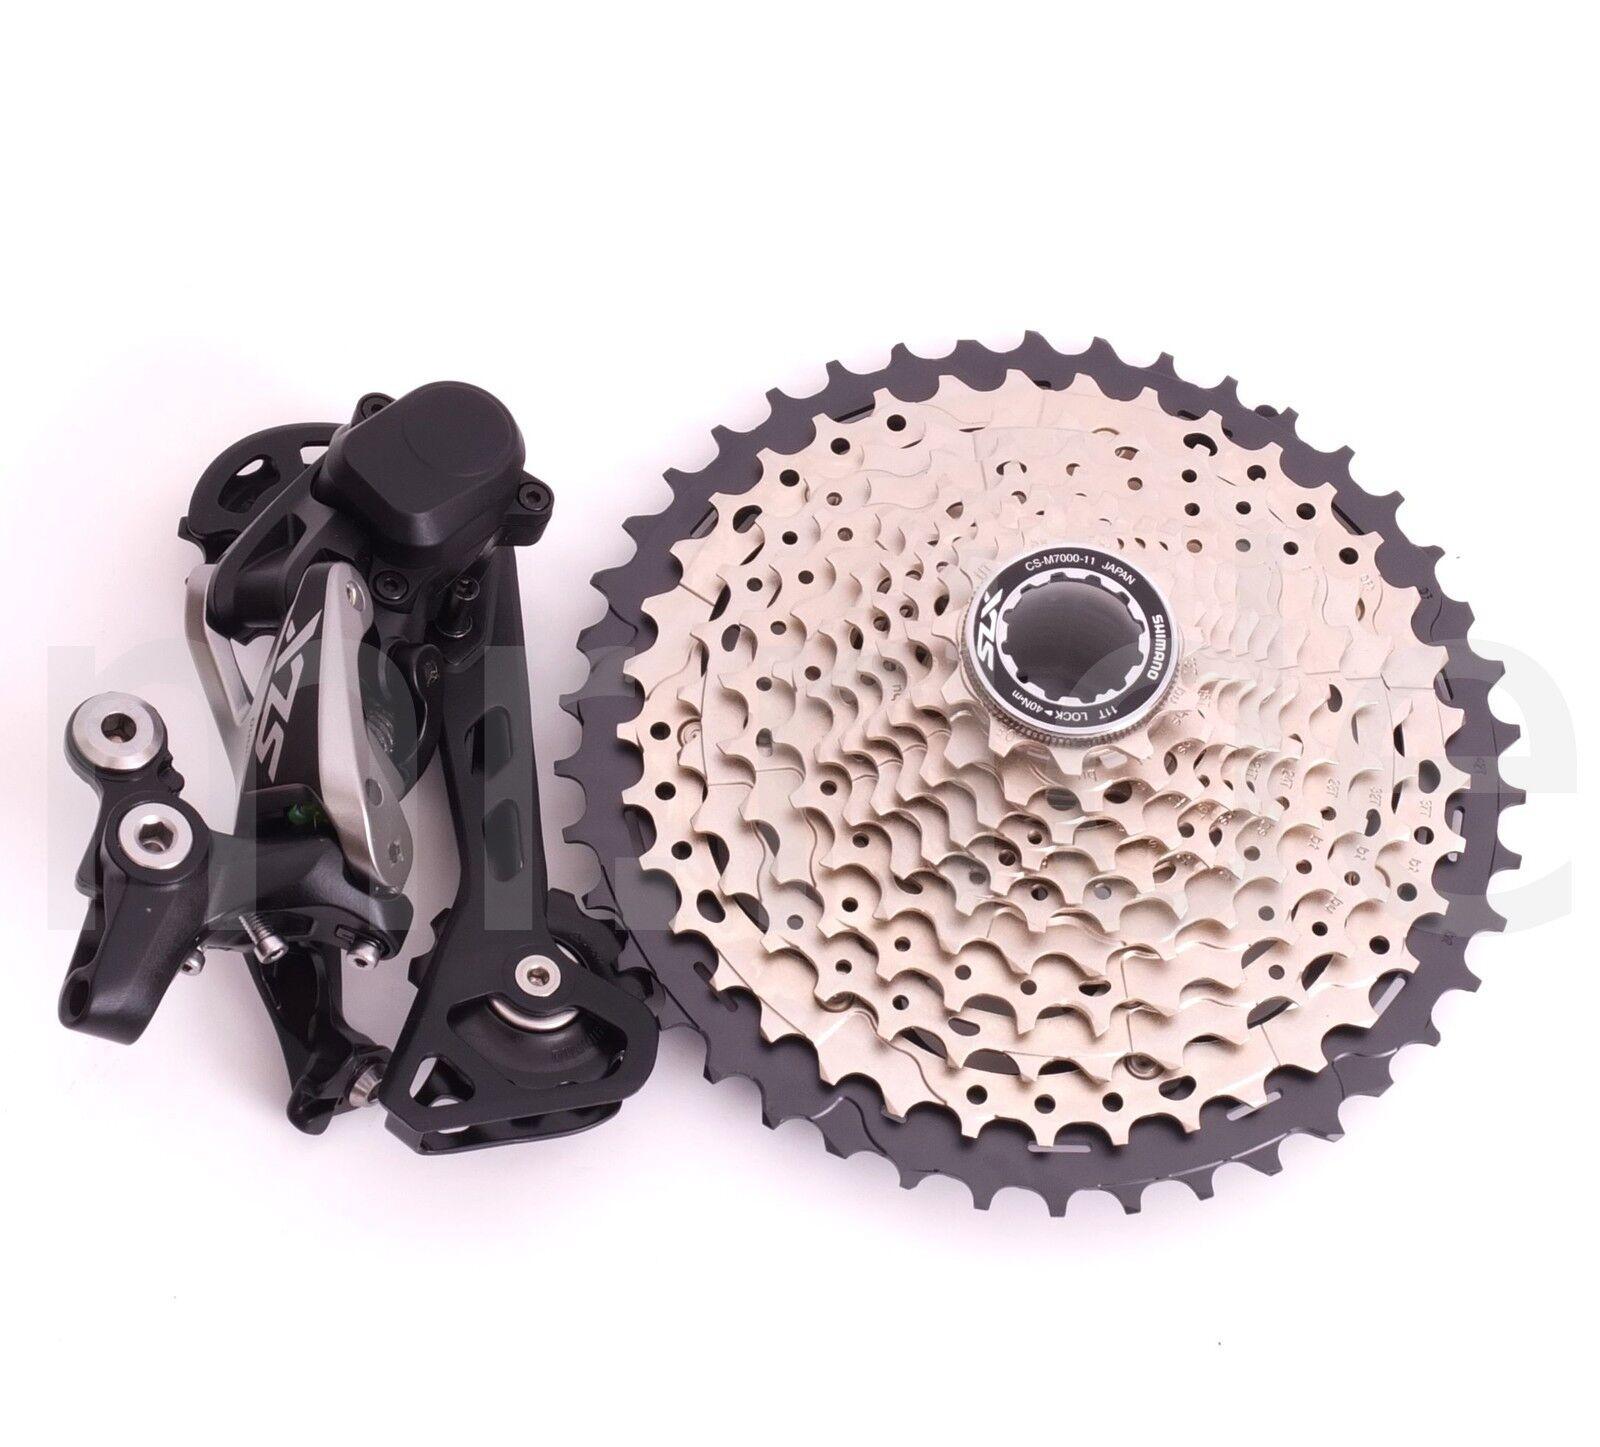 Shimano 2pcs  MTB Bike SLX M7000 11S Derailleur,Cassette 11-42T Group set